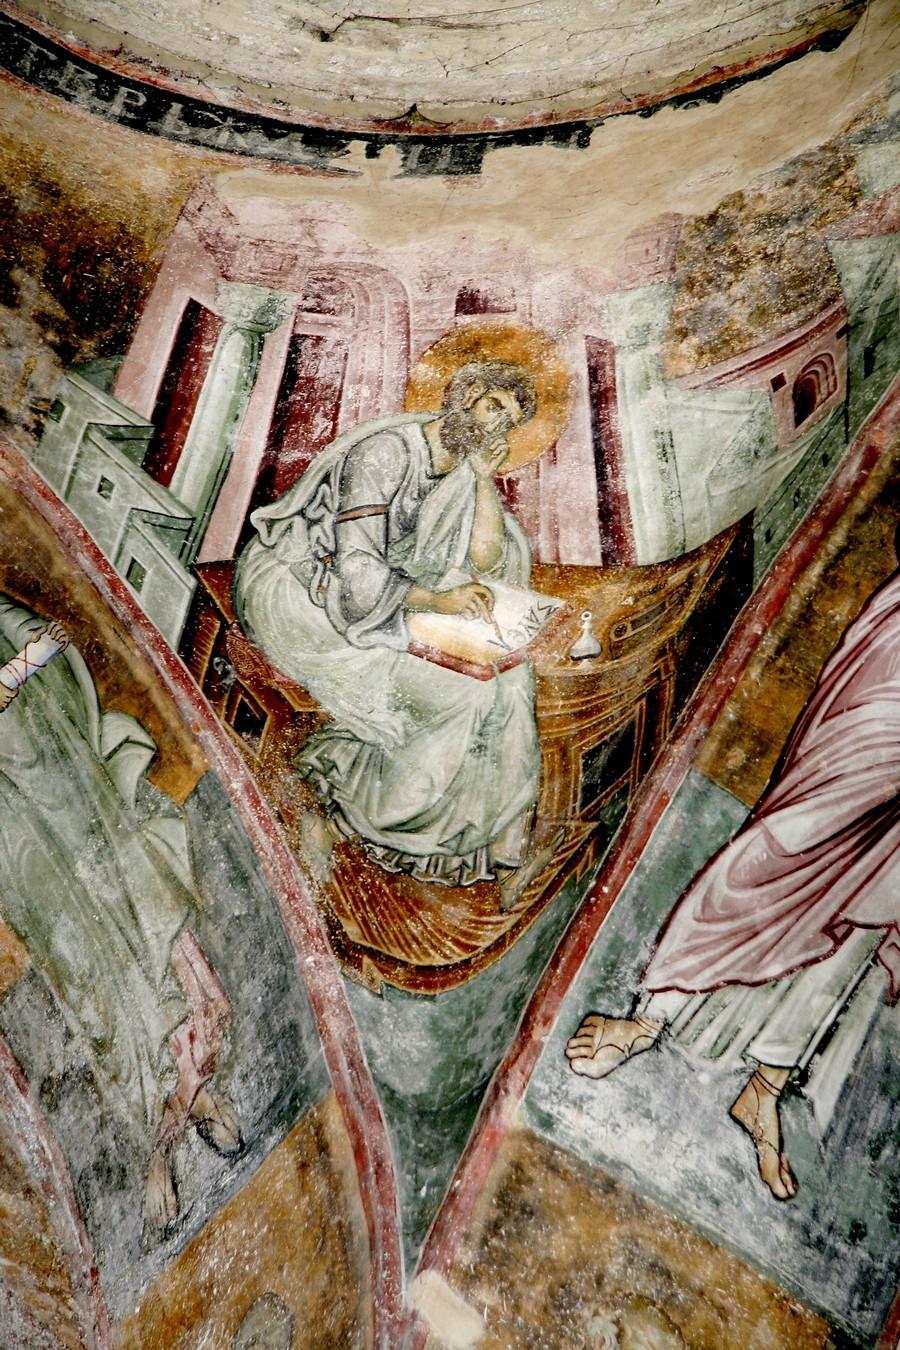 Святой Апостол и Евангелист Марк. Фреска церкви Святой Троицы в монастыре Сопочаны, Сербия. 1265 год.